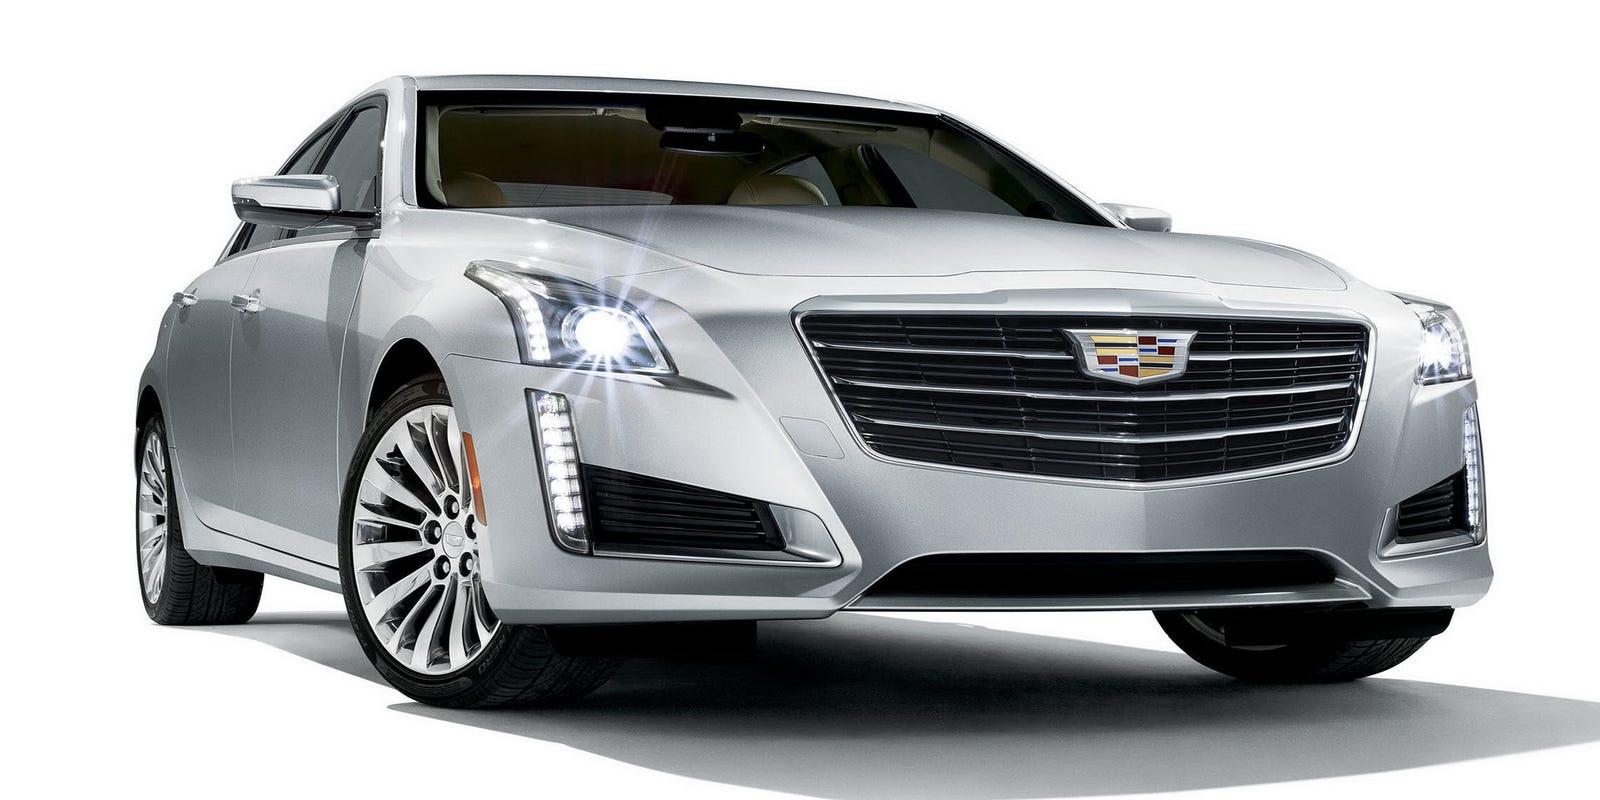 2015 Cadillac CTS engaging performer